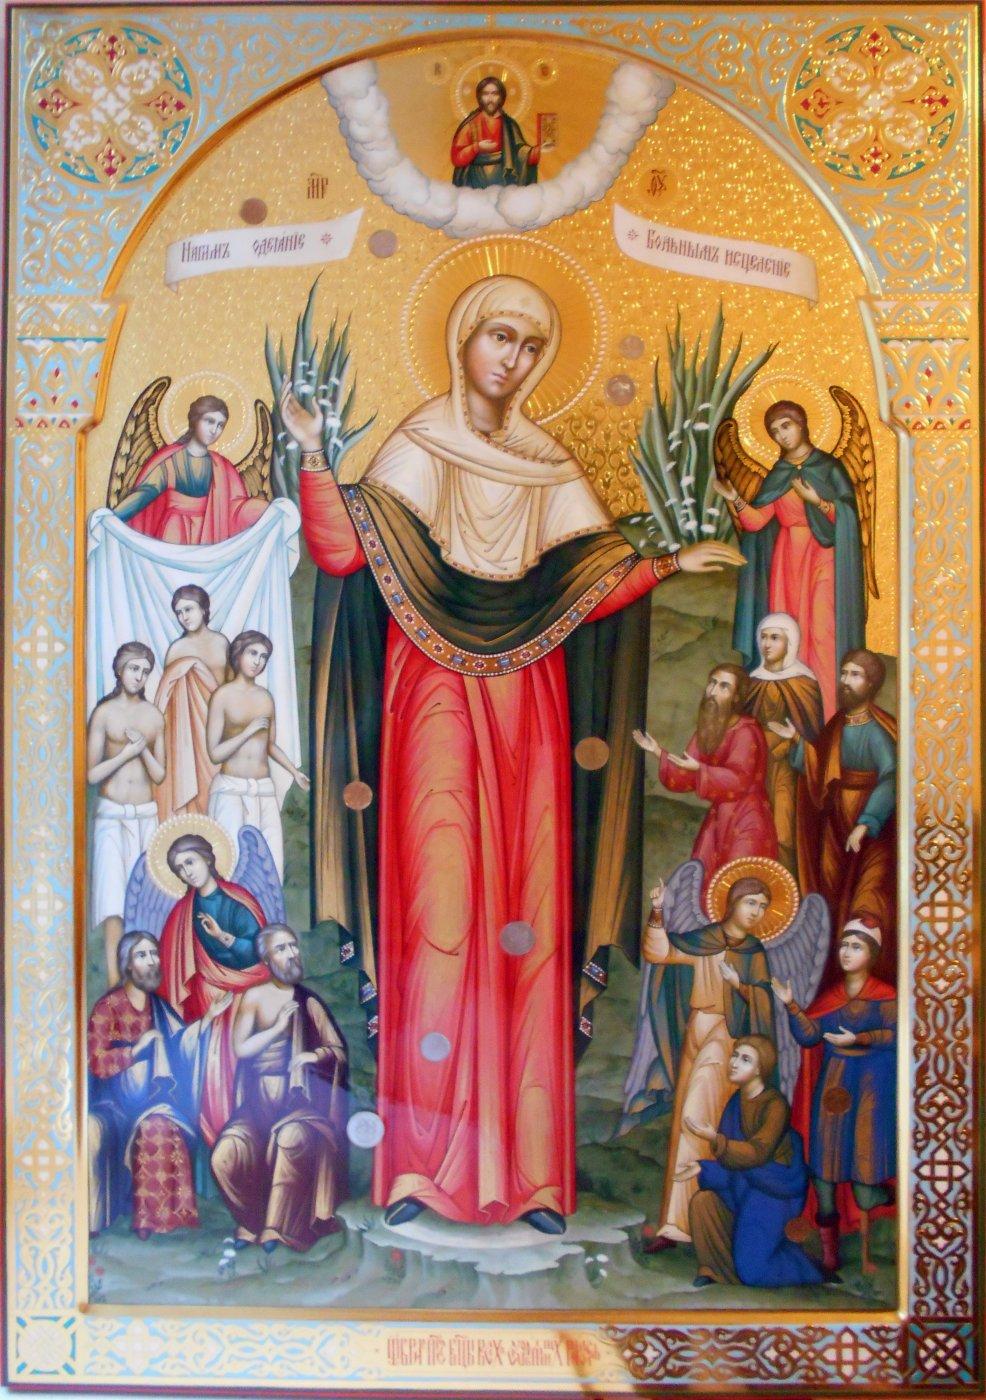 Скрап, открытки скорбящая божья мать